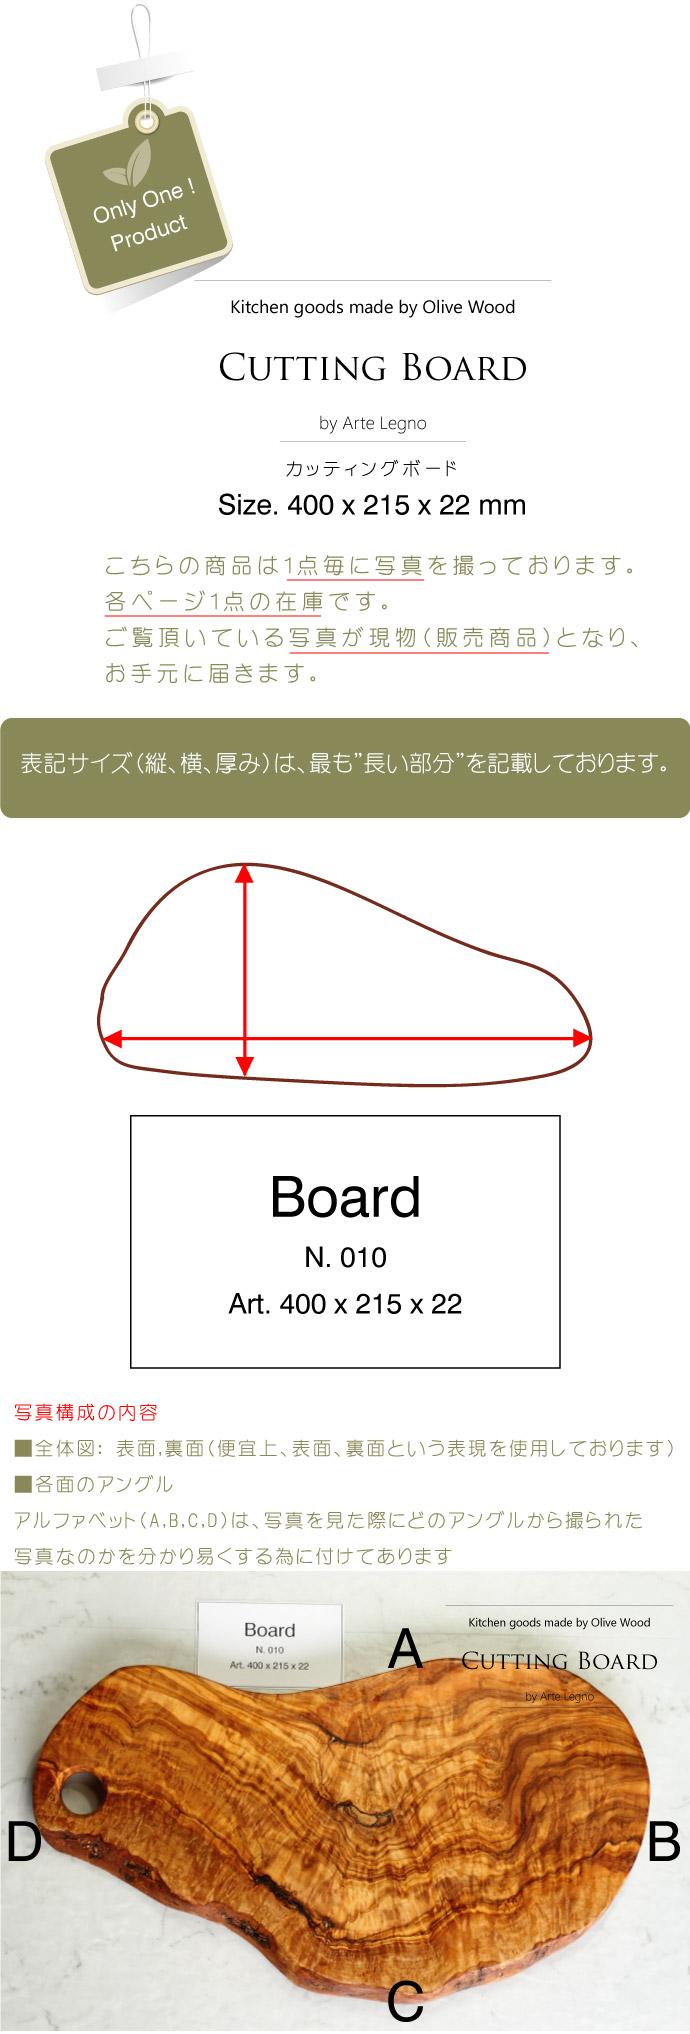 カッティングボード No.10 アルテレニョ社 イタリア製 (Italian Cutting Board made by Arte Legno Olive Wood) タイトル